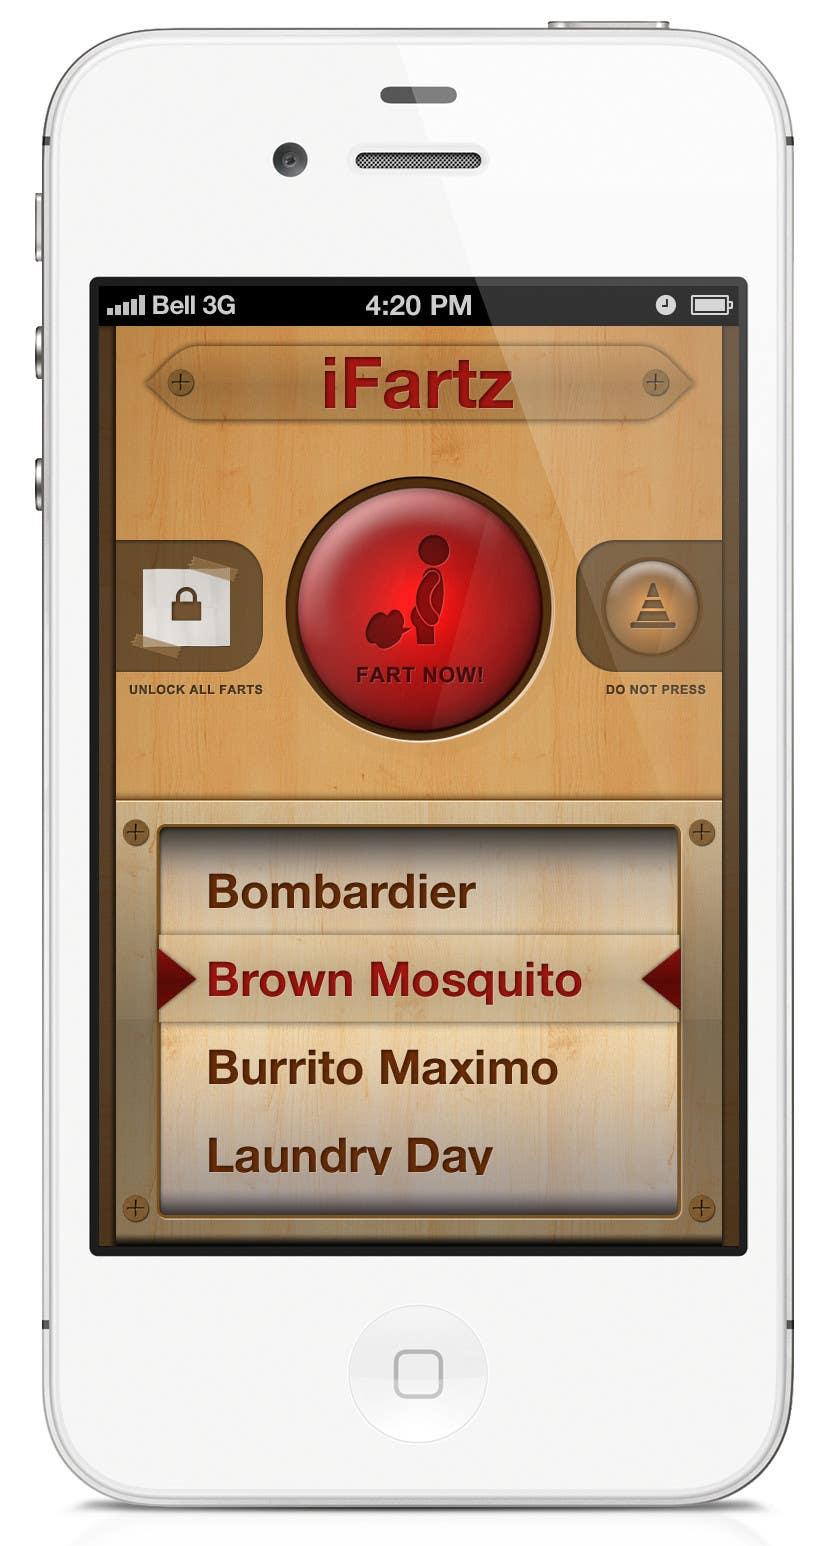 Bài tham dự cuộc thi #                                        4                                      cho                                         App Design for App Similar to iFart